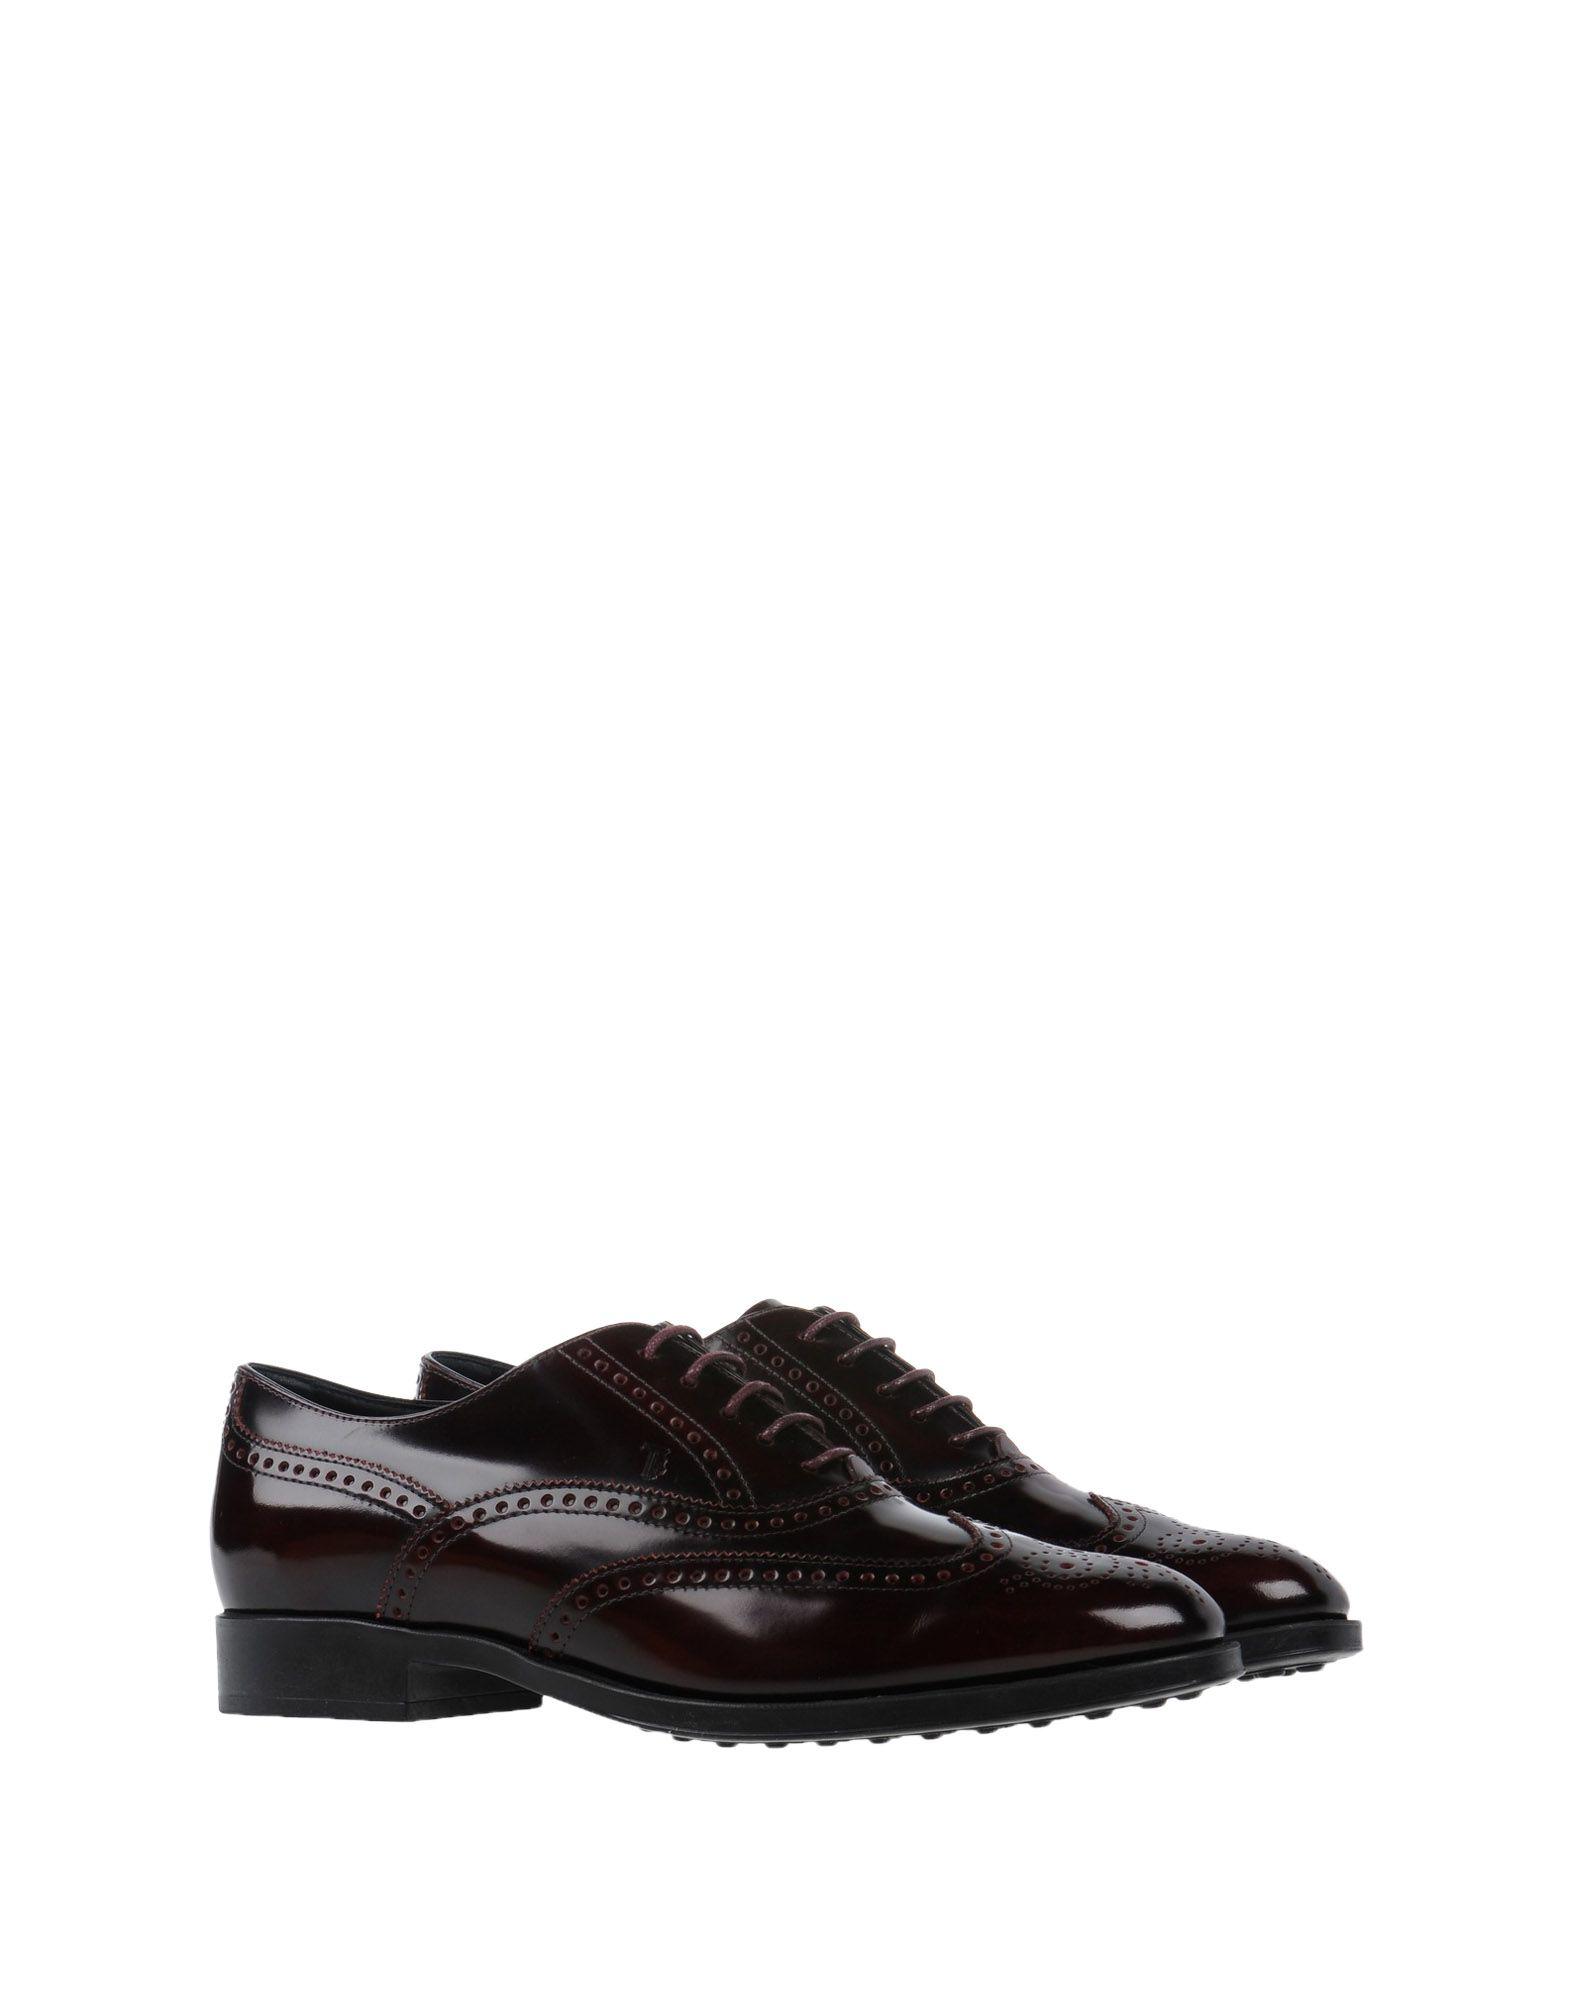 Rabatt Schuhe Schnürschuhe Tod's Schnürschuhe Schuhe Damen  11285442RR 894d76